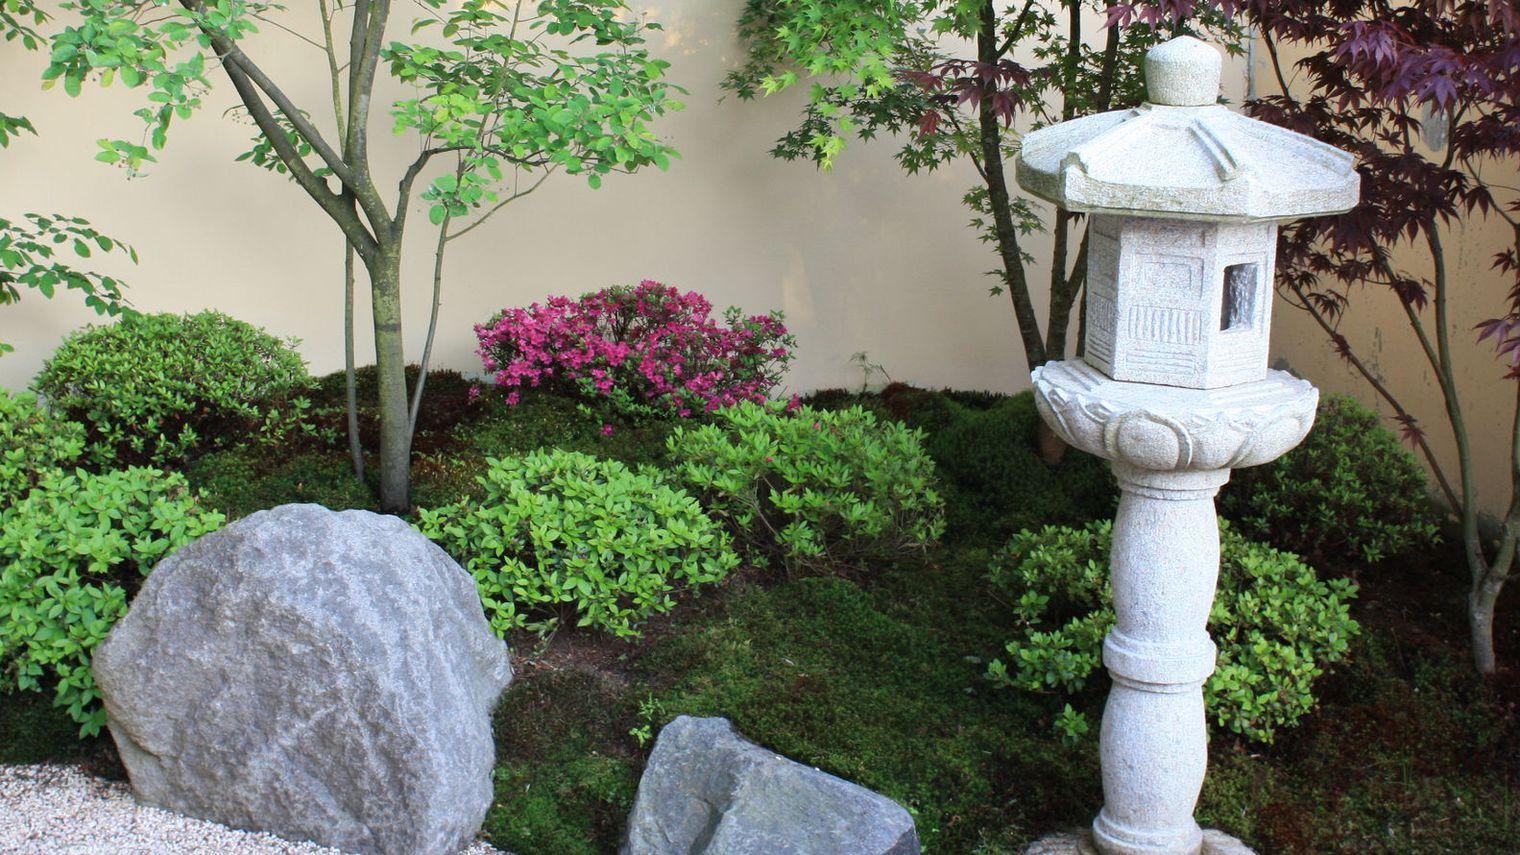 Jardin Japonais : Les Plantes Et Arbres Pour Un Jardin Zen ... tout Plante Pour Jardin Japonais